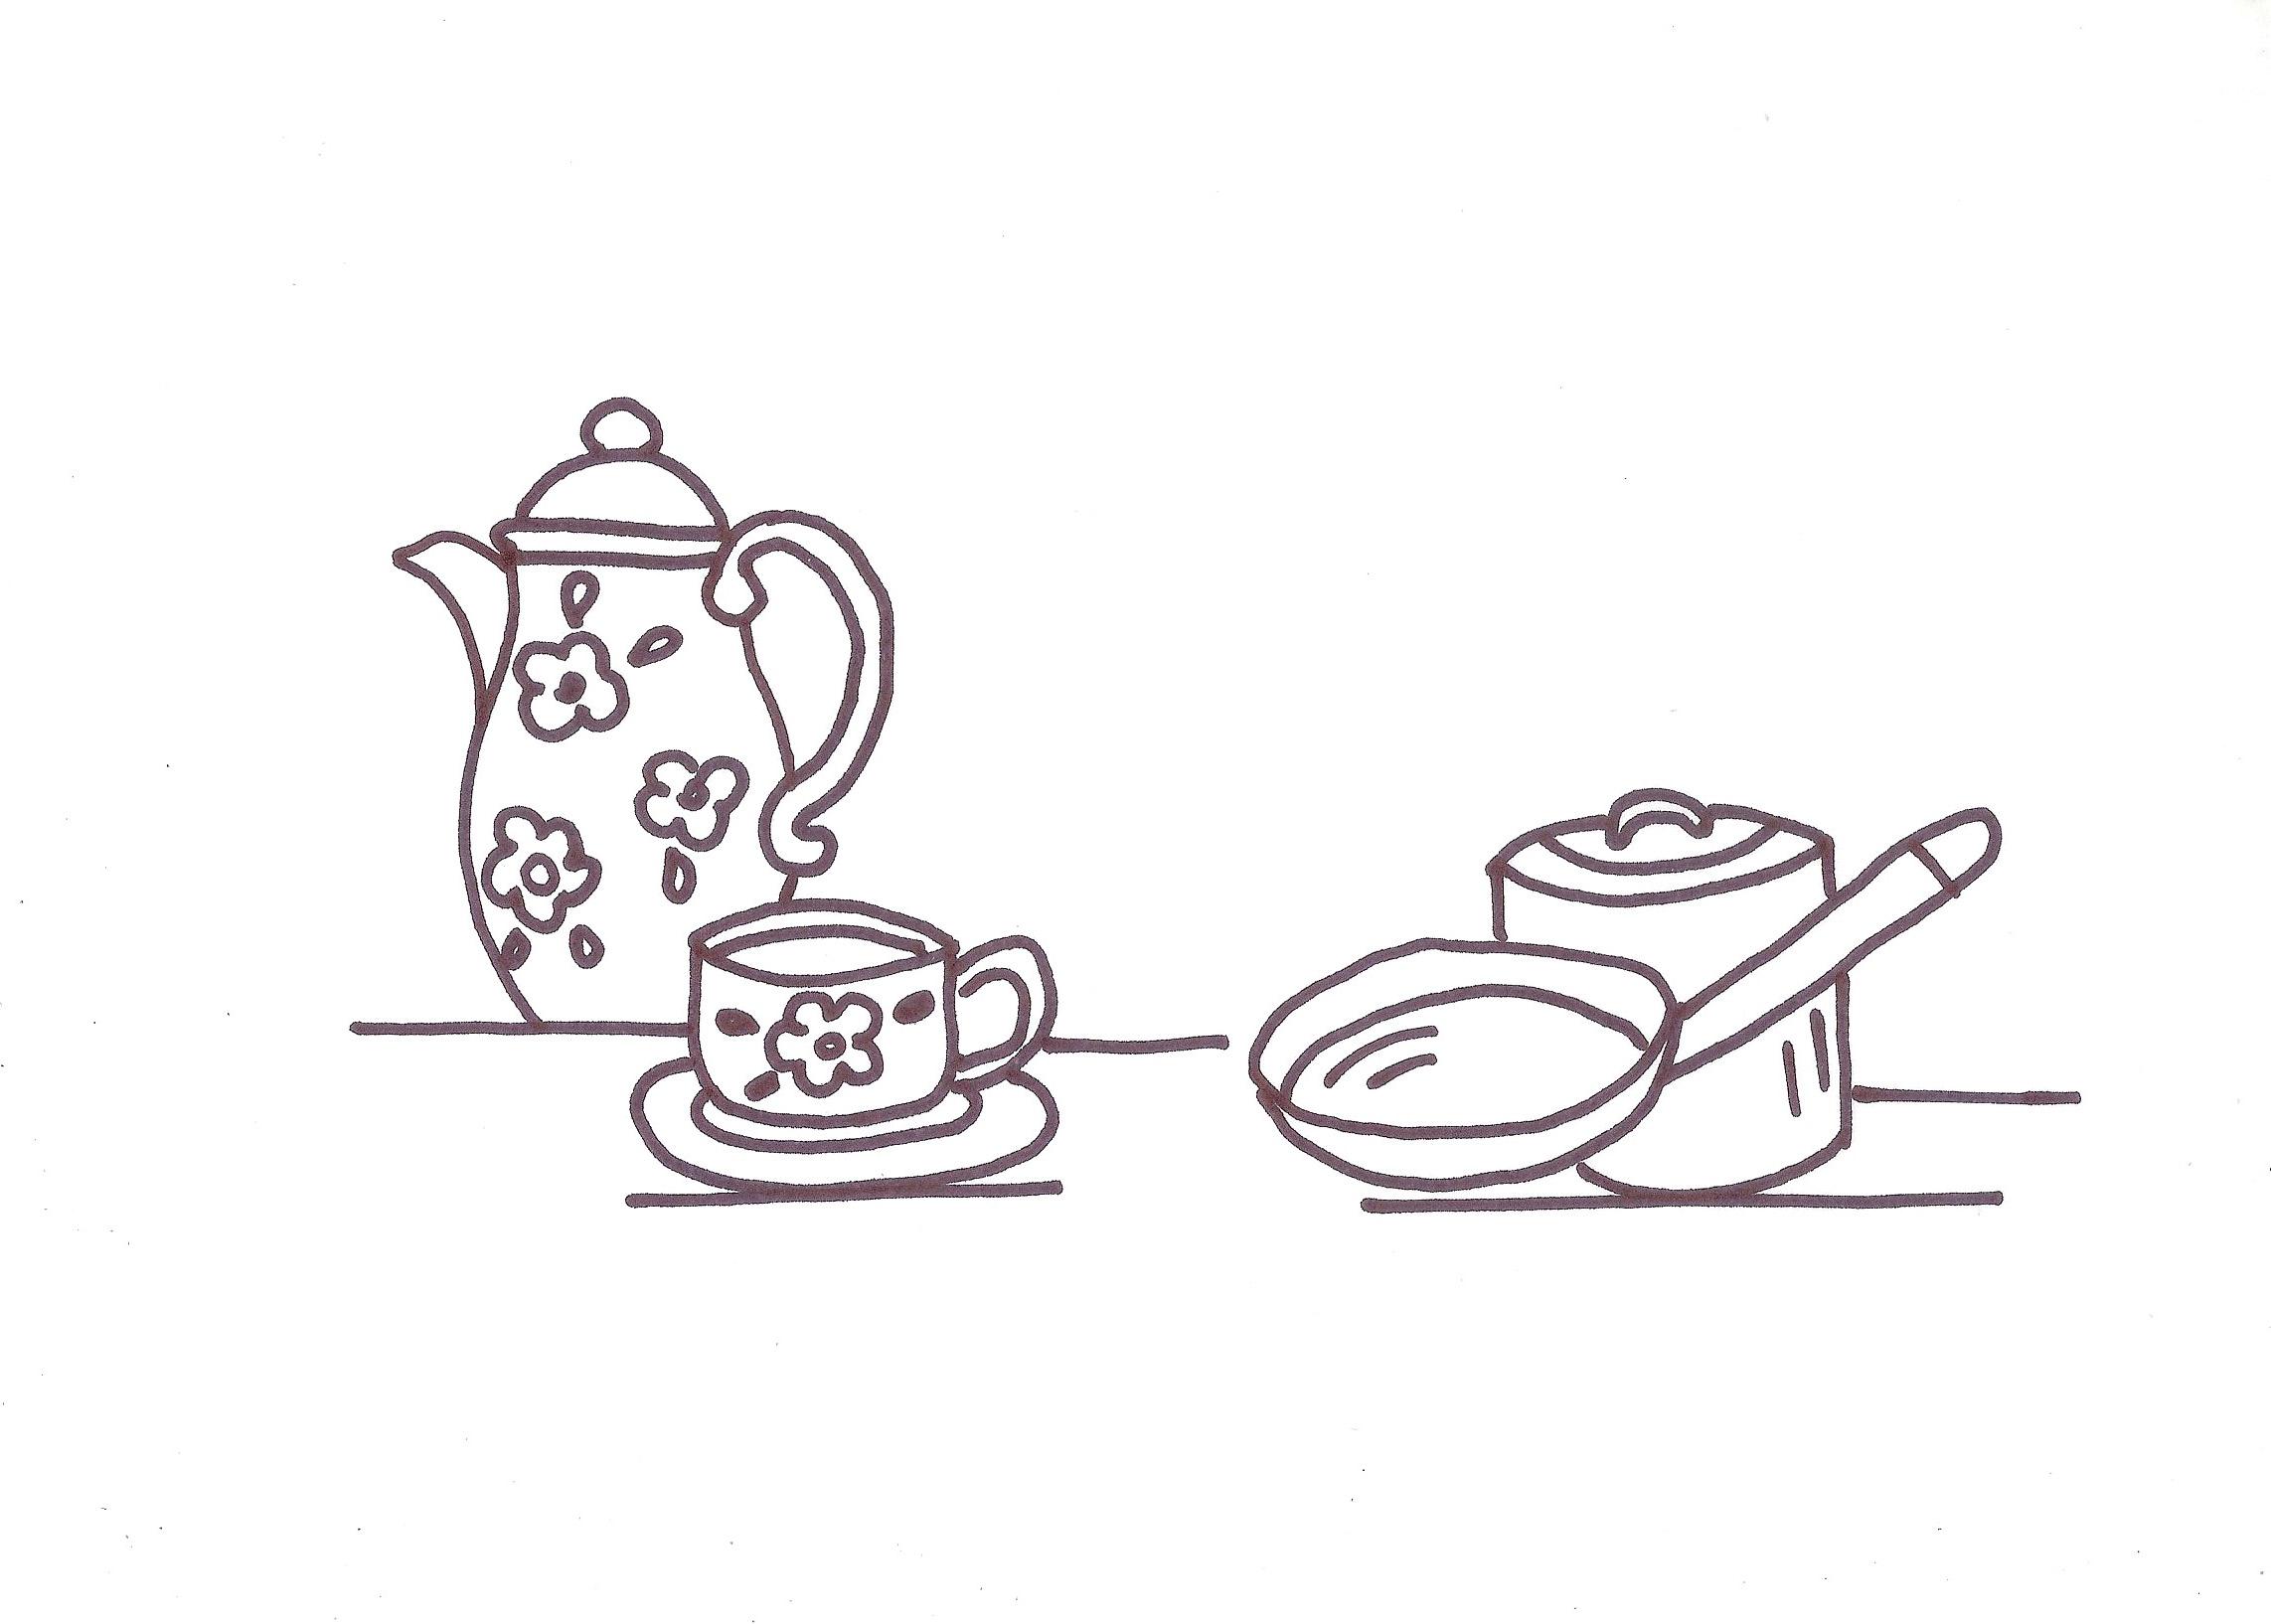 Come ricamare strofinacci per la cucina arte del ricamo - Disegni per cucina ...